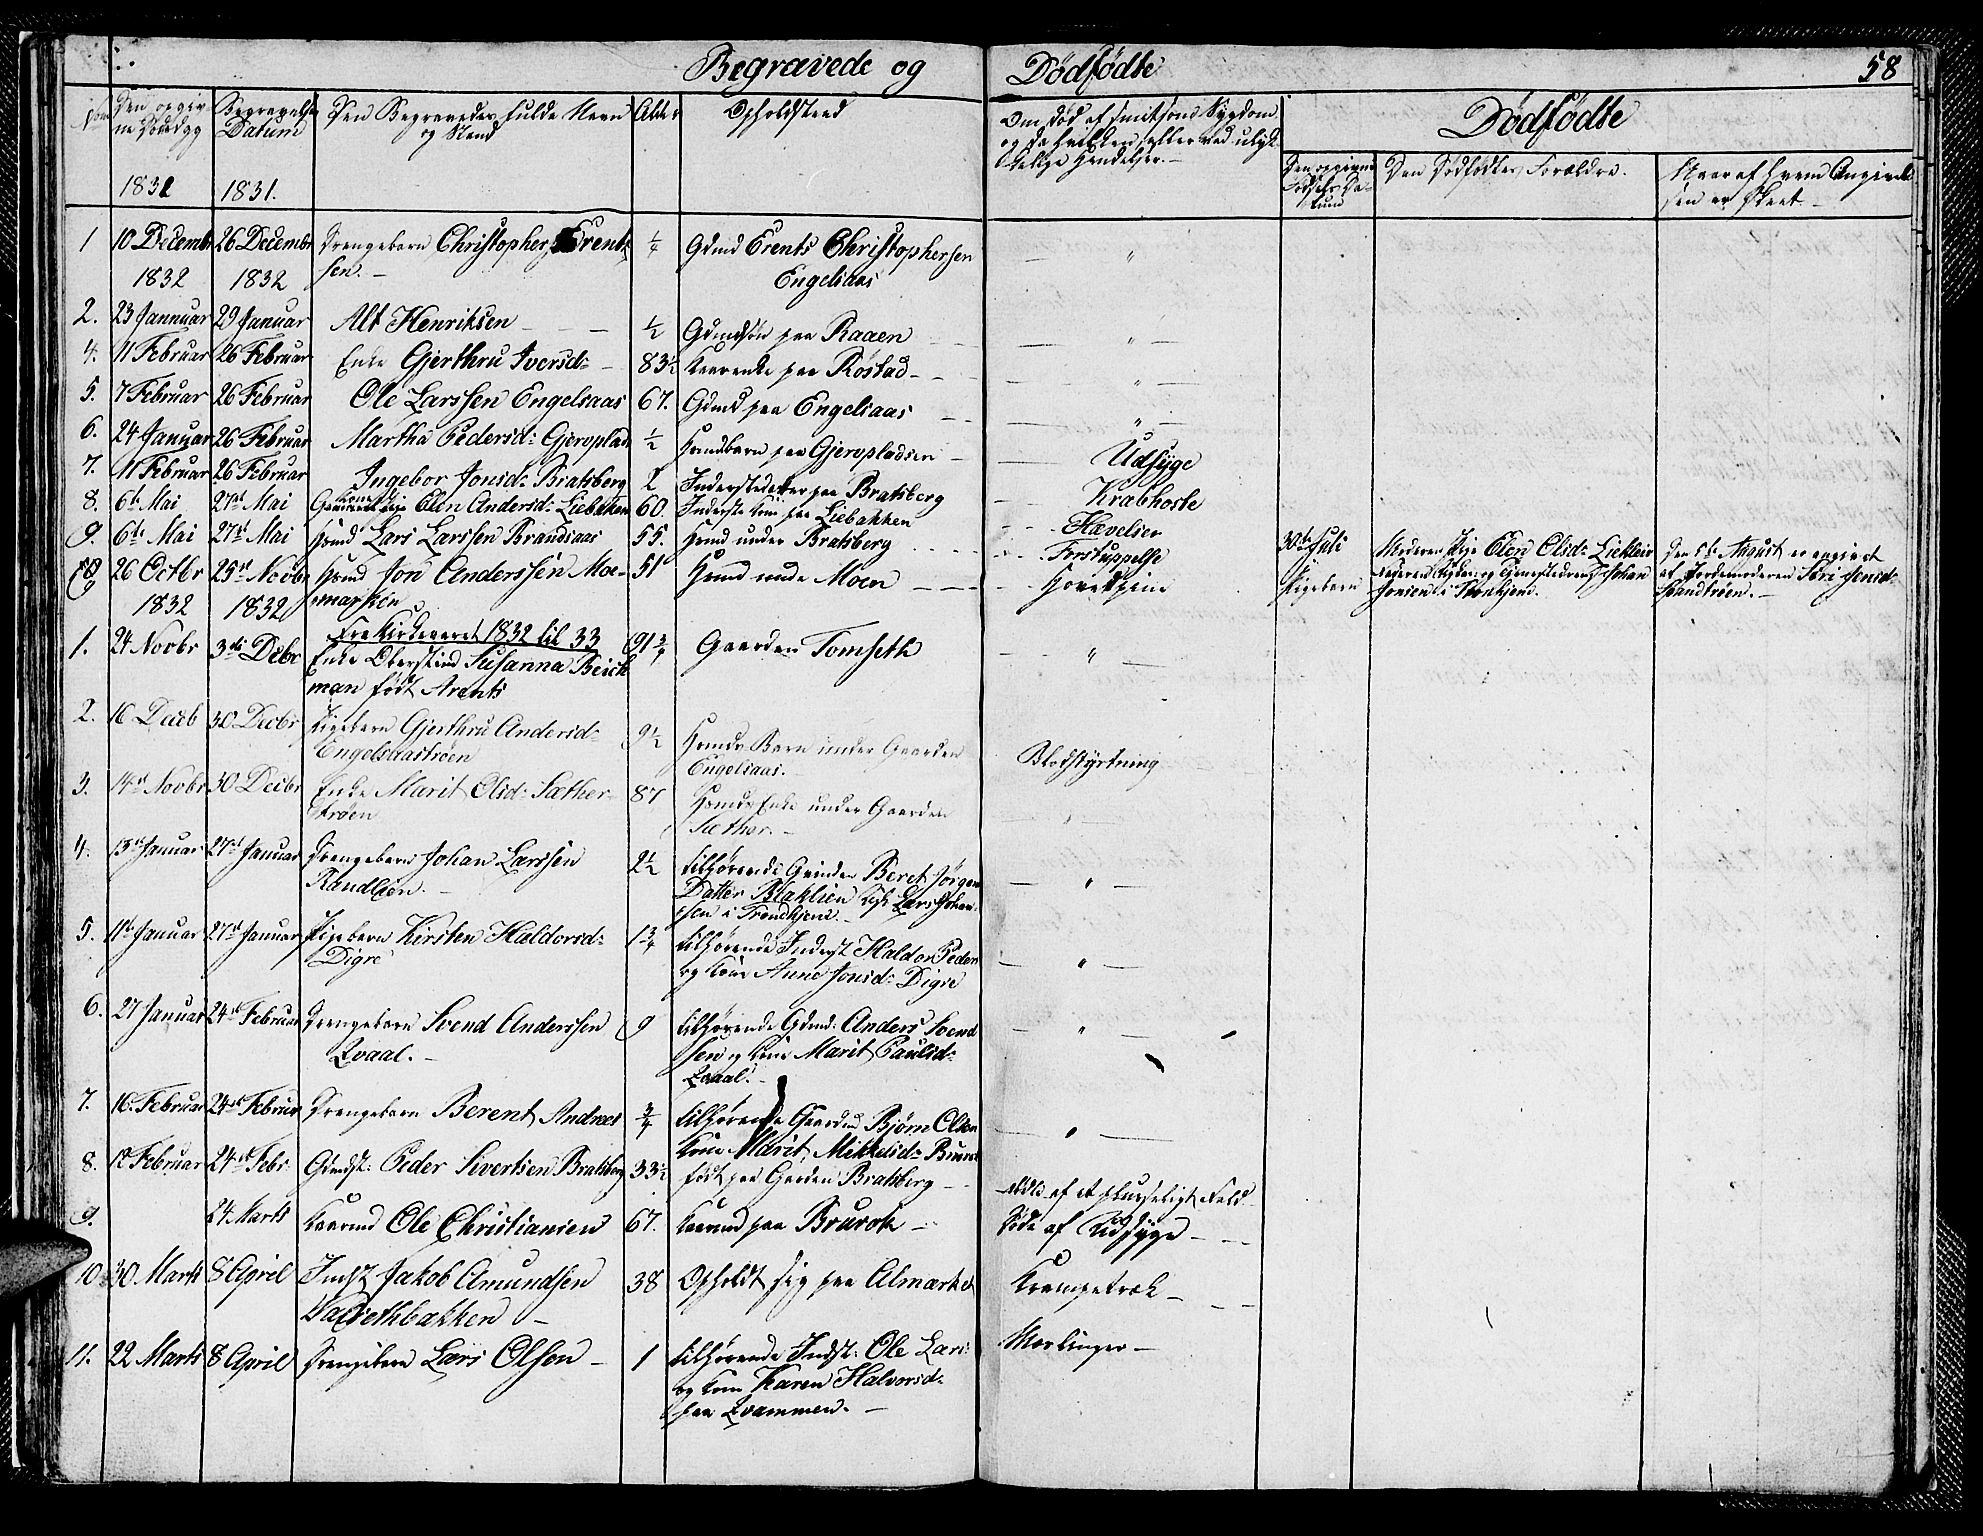 SAT, Ministerialprotokoller, klokkerbøker og fødselsregistre - Sør-Trøndelag, 608/L0338: Klokkerbok nr. 608C04, 1831-1843, s. 58